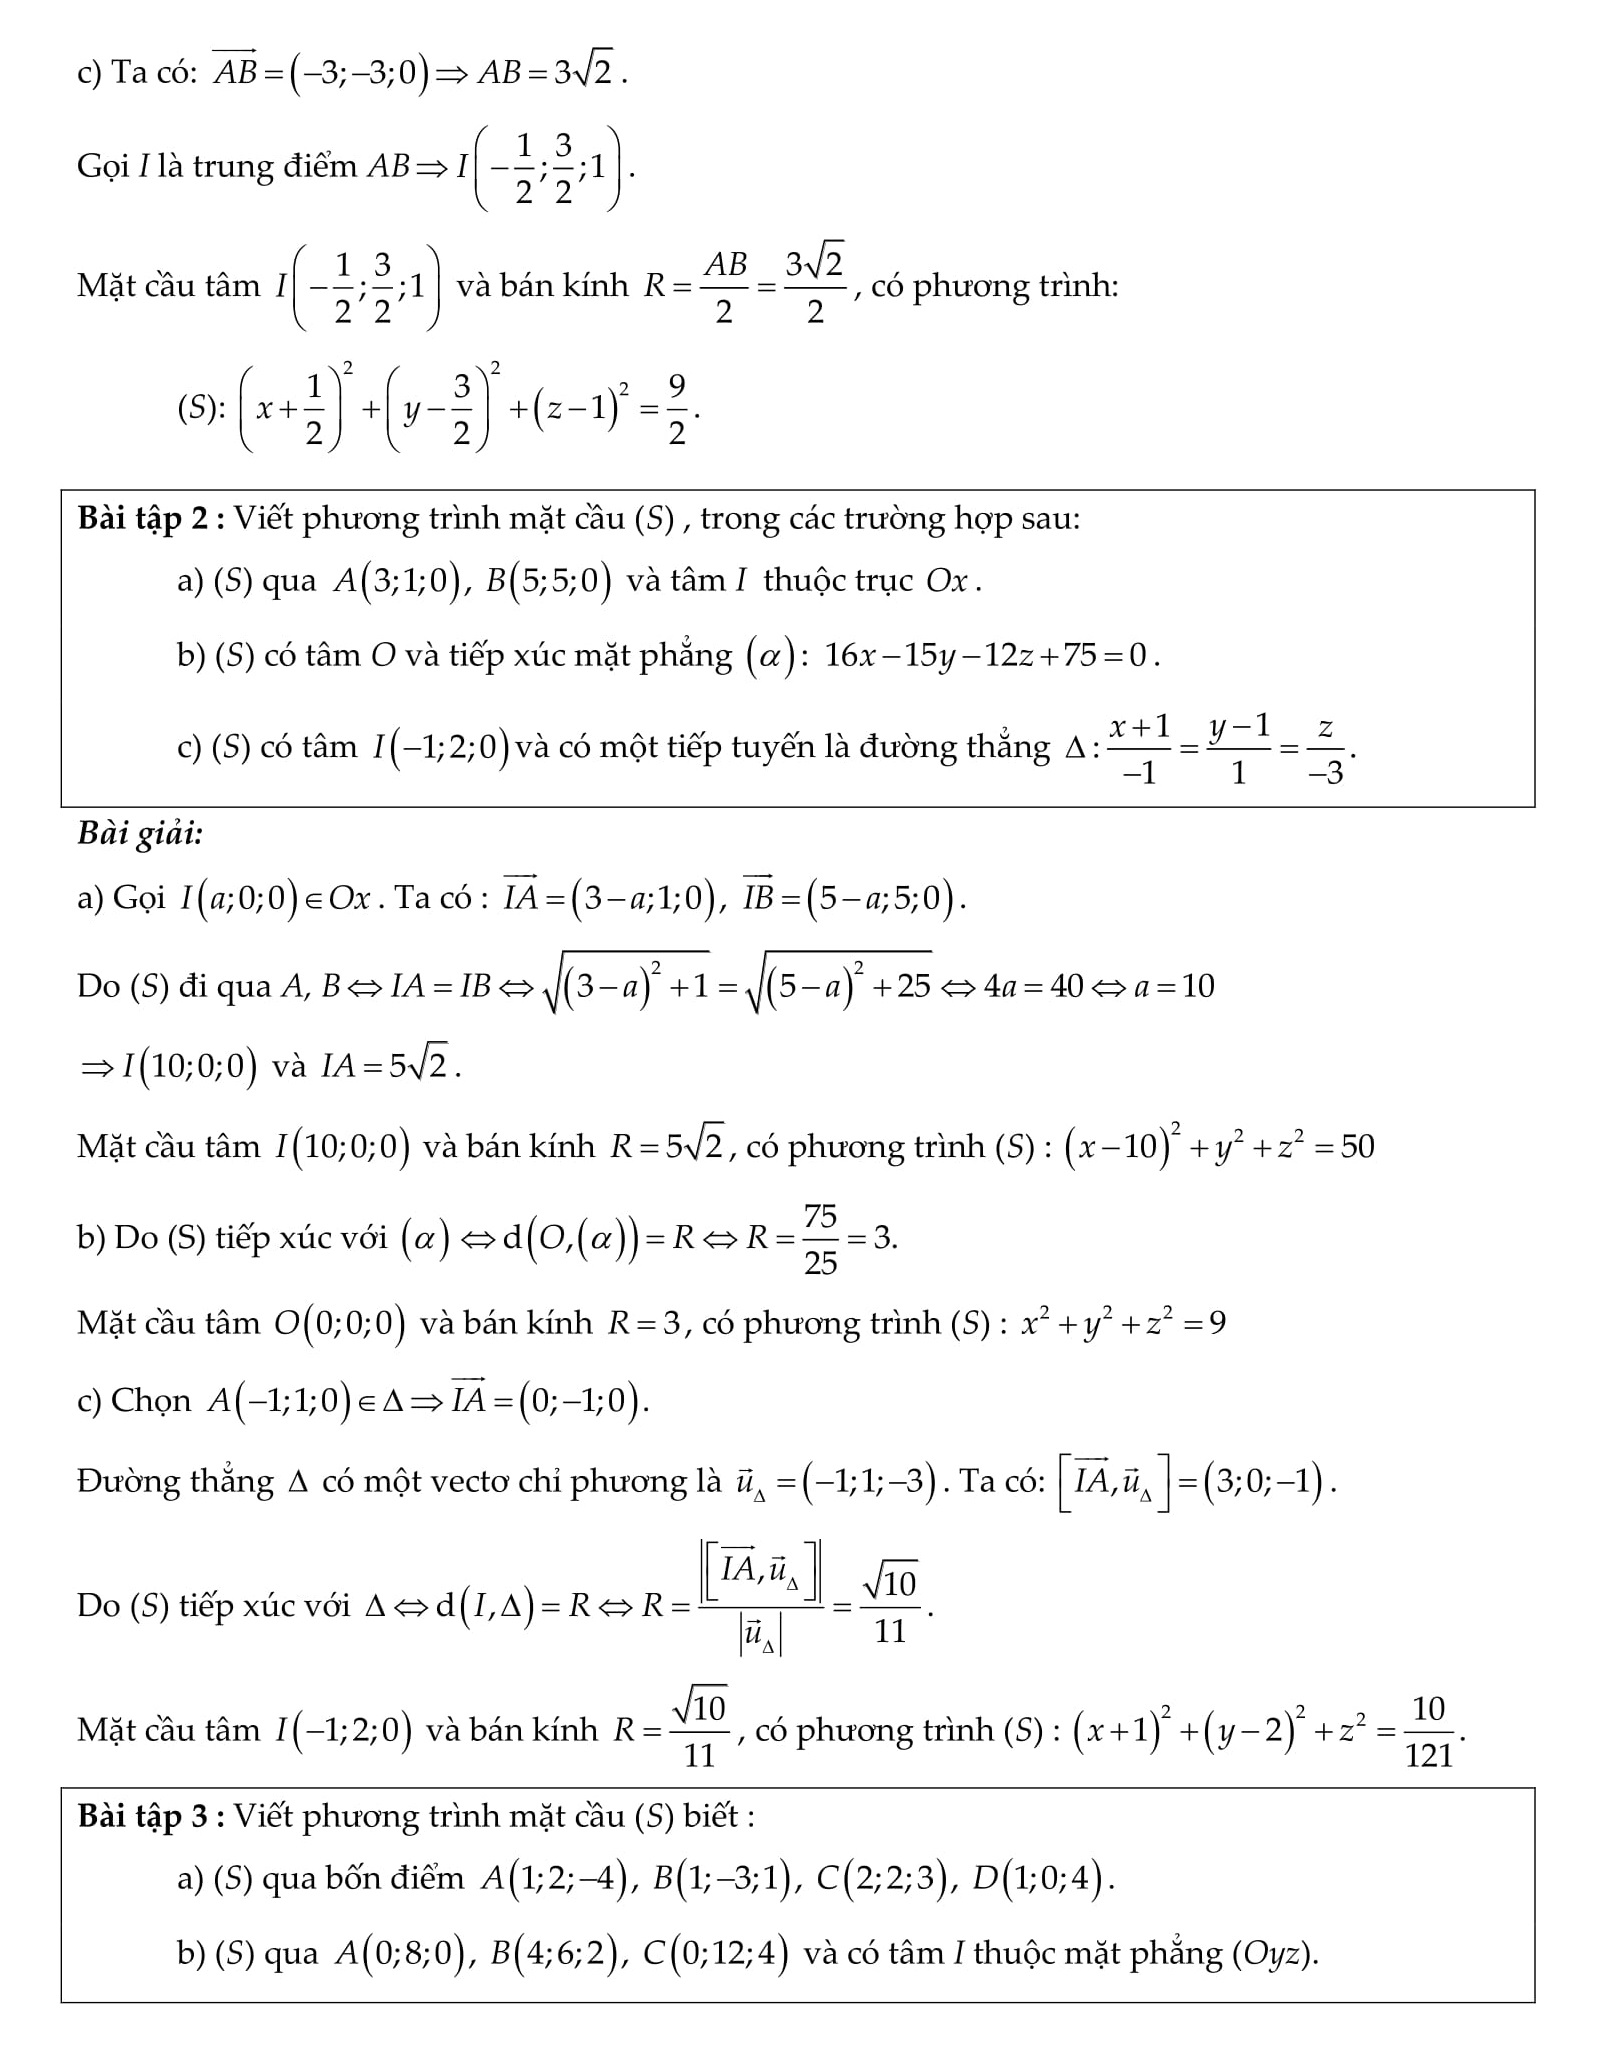 Mặt cầu trong không gian Toán 12 - Lý thuyết + bài tập